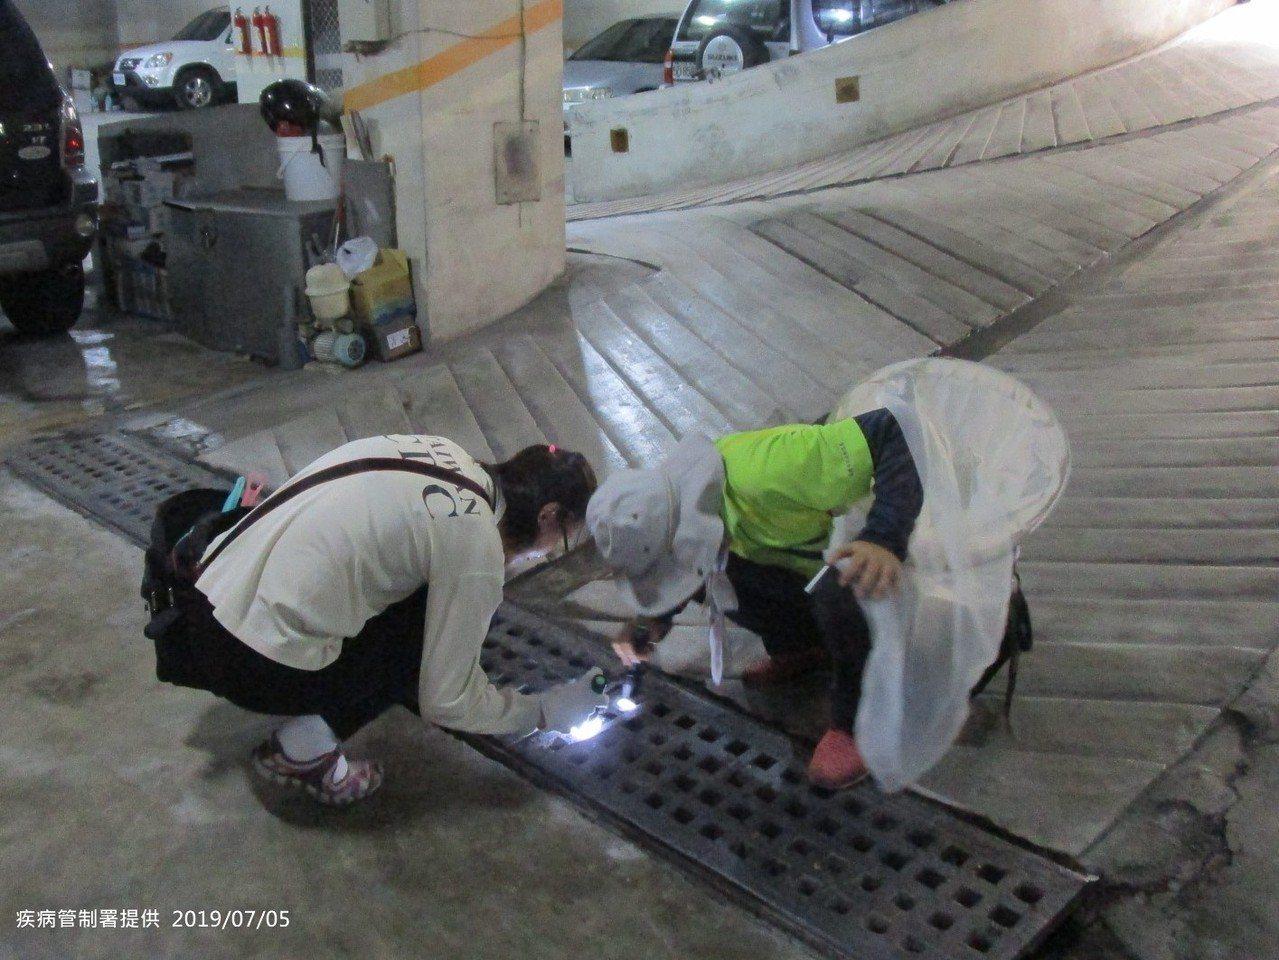 疾管署防疫人員於高雄市三民區本和里執行孳生源查核及預防性投藥。圖/疾管署提供